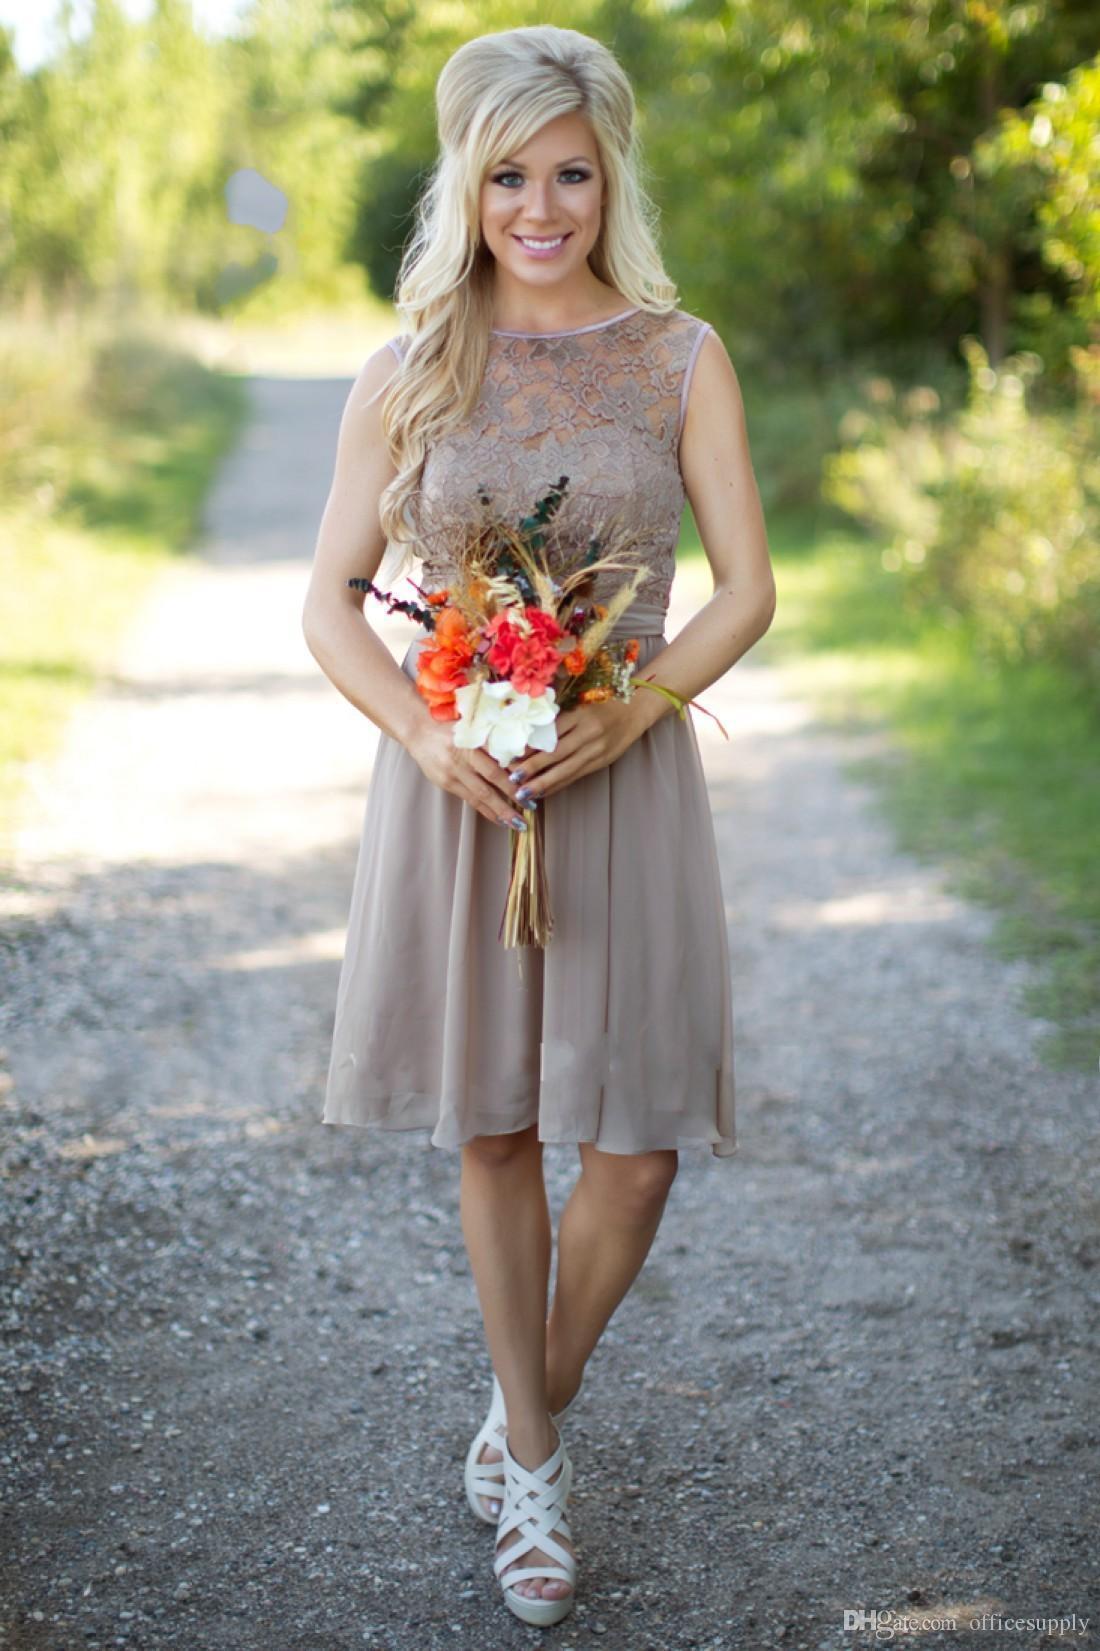 간단한 나라 들러리 드레스 2016 새로운 짧은 짧은 결혼식을위한 새로운 짧은 짧은 쇼핑 해변 레이스 무릎 길이가 100 미만의 새끼 가정부 명예 가운